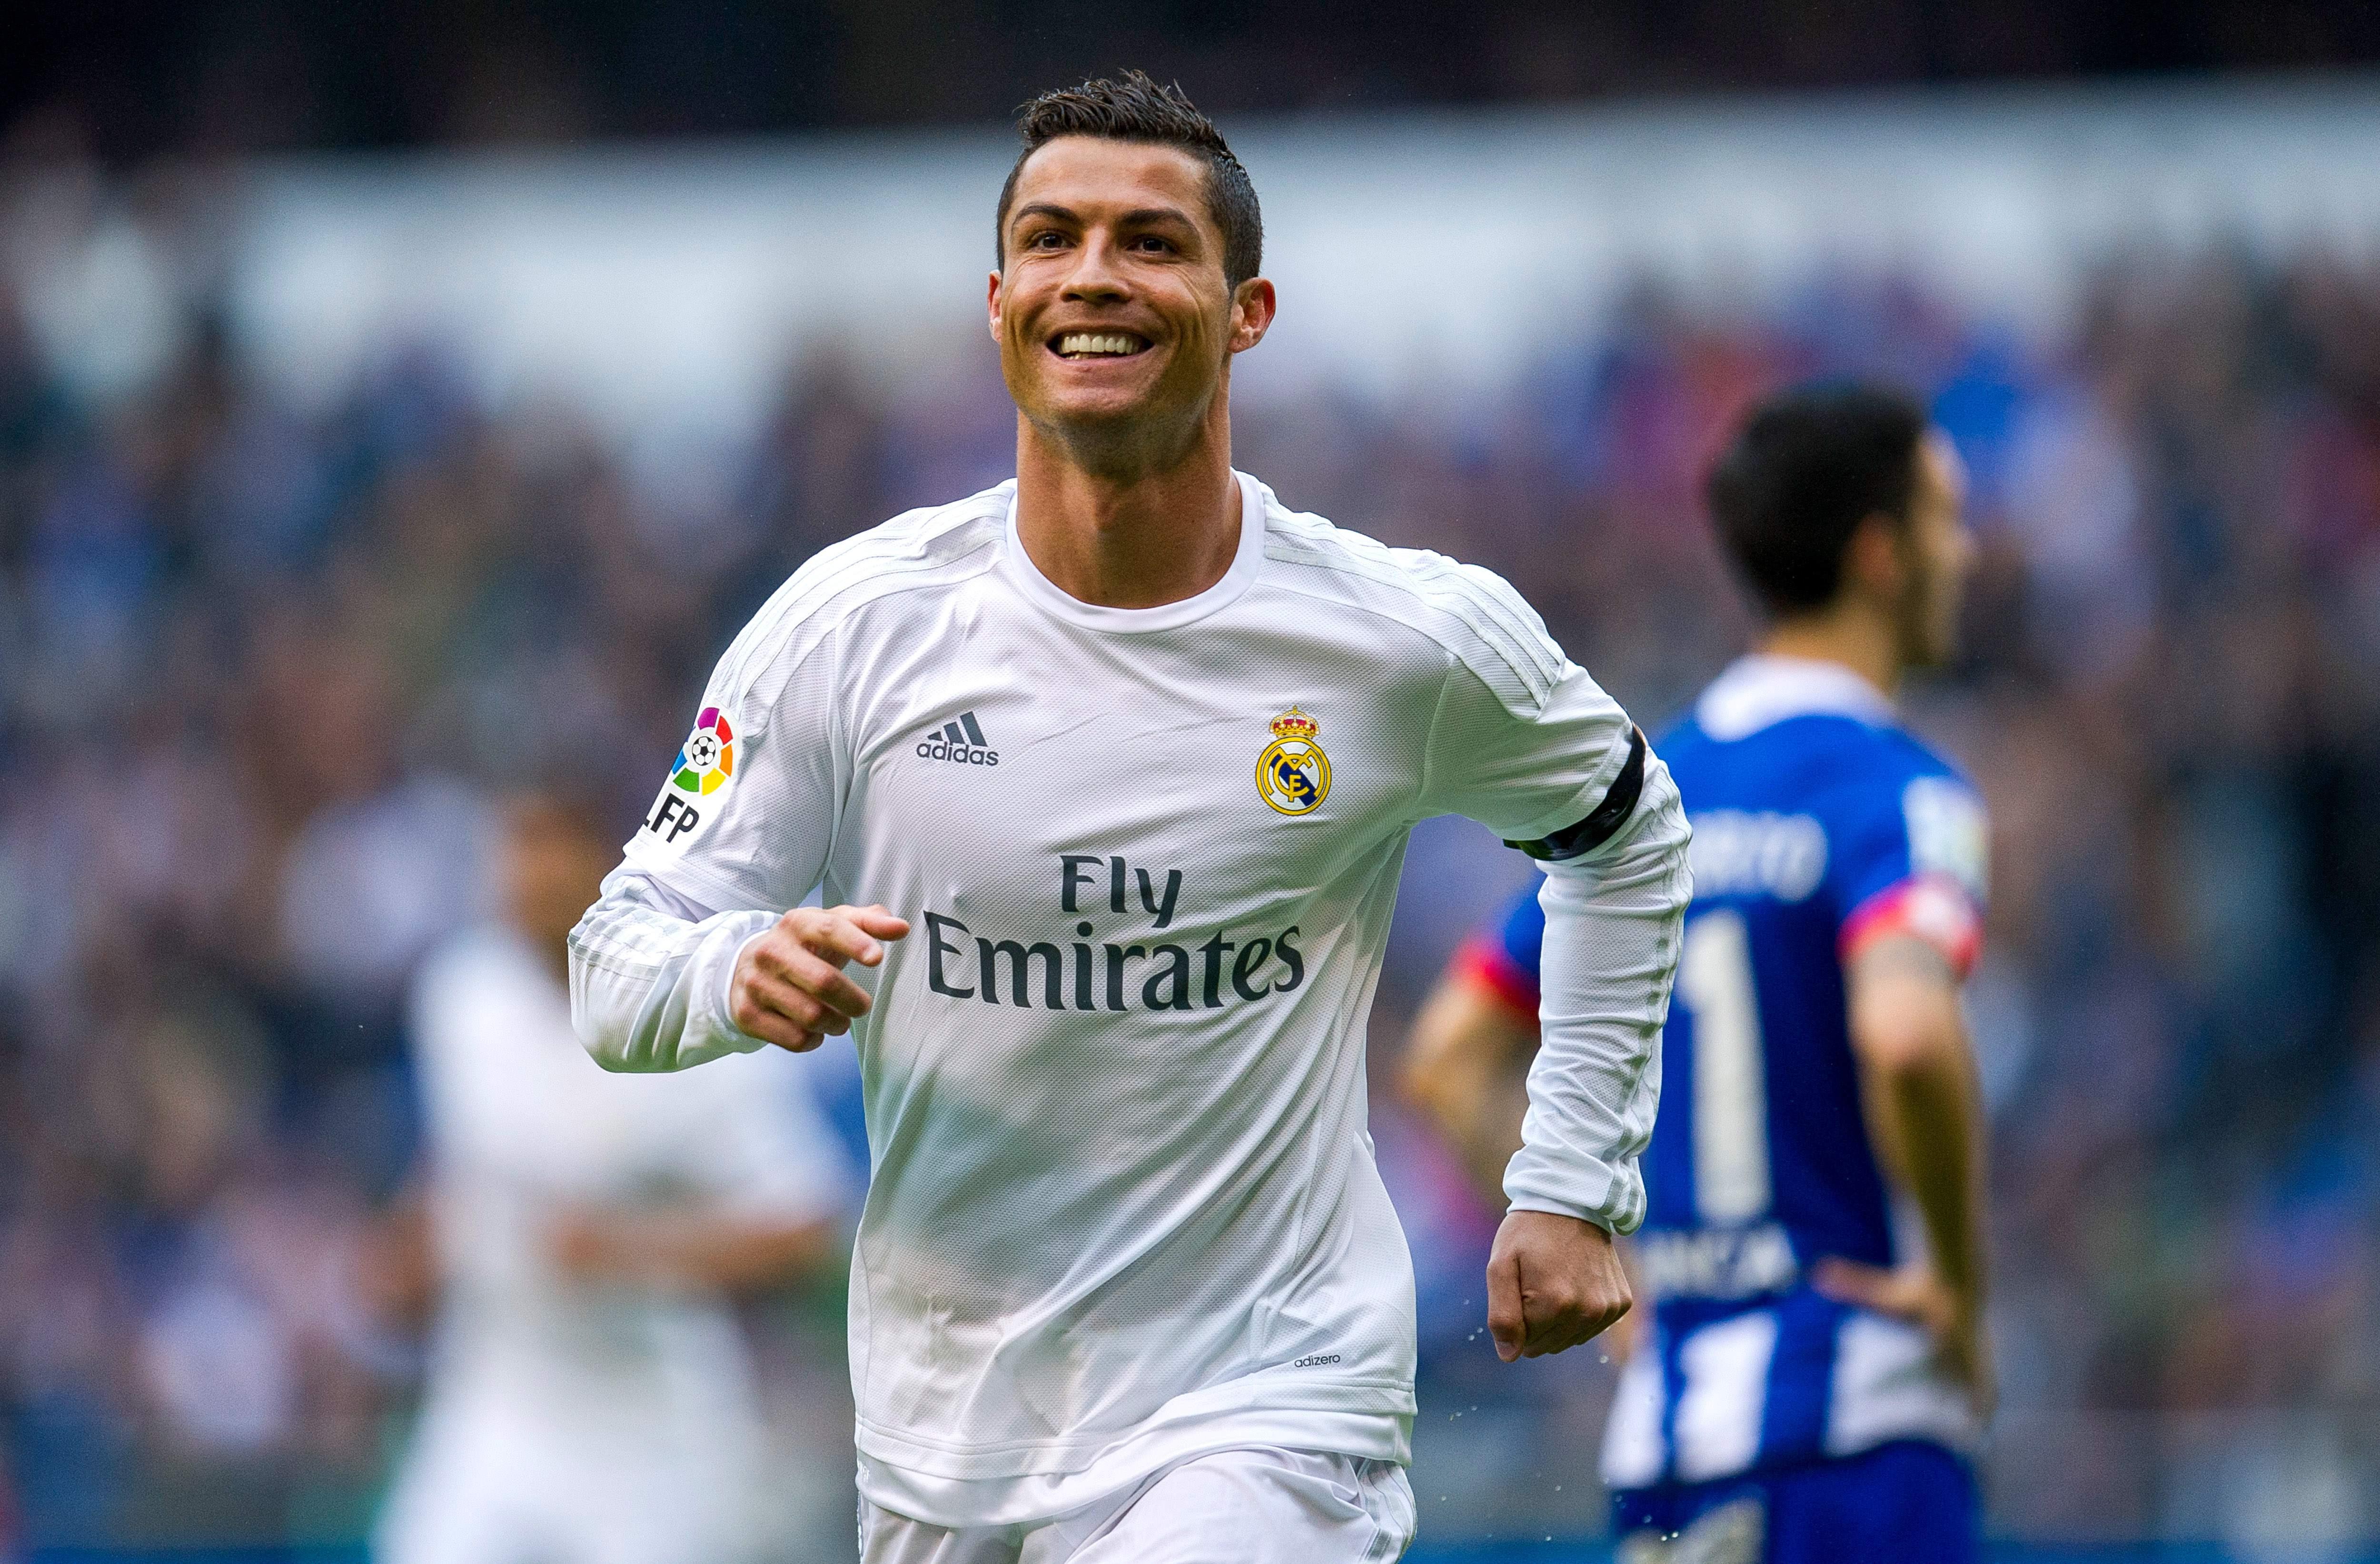 رونالدو کلیپ جالب از شوت های جالب این ستاره برزیلی درزمین فوتبال